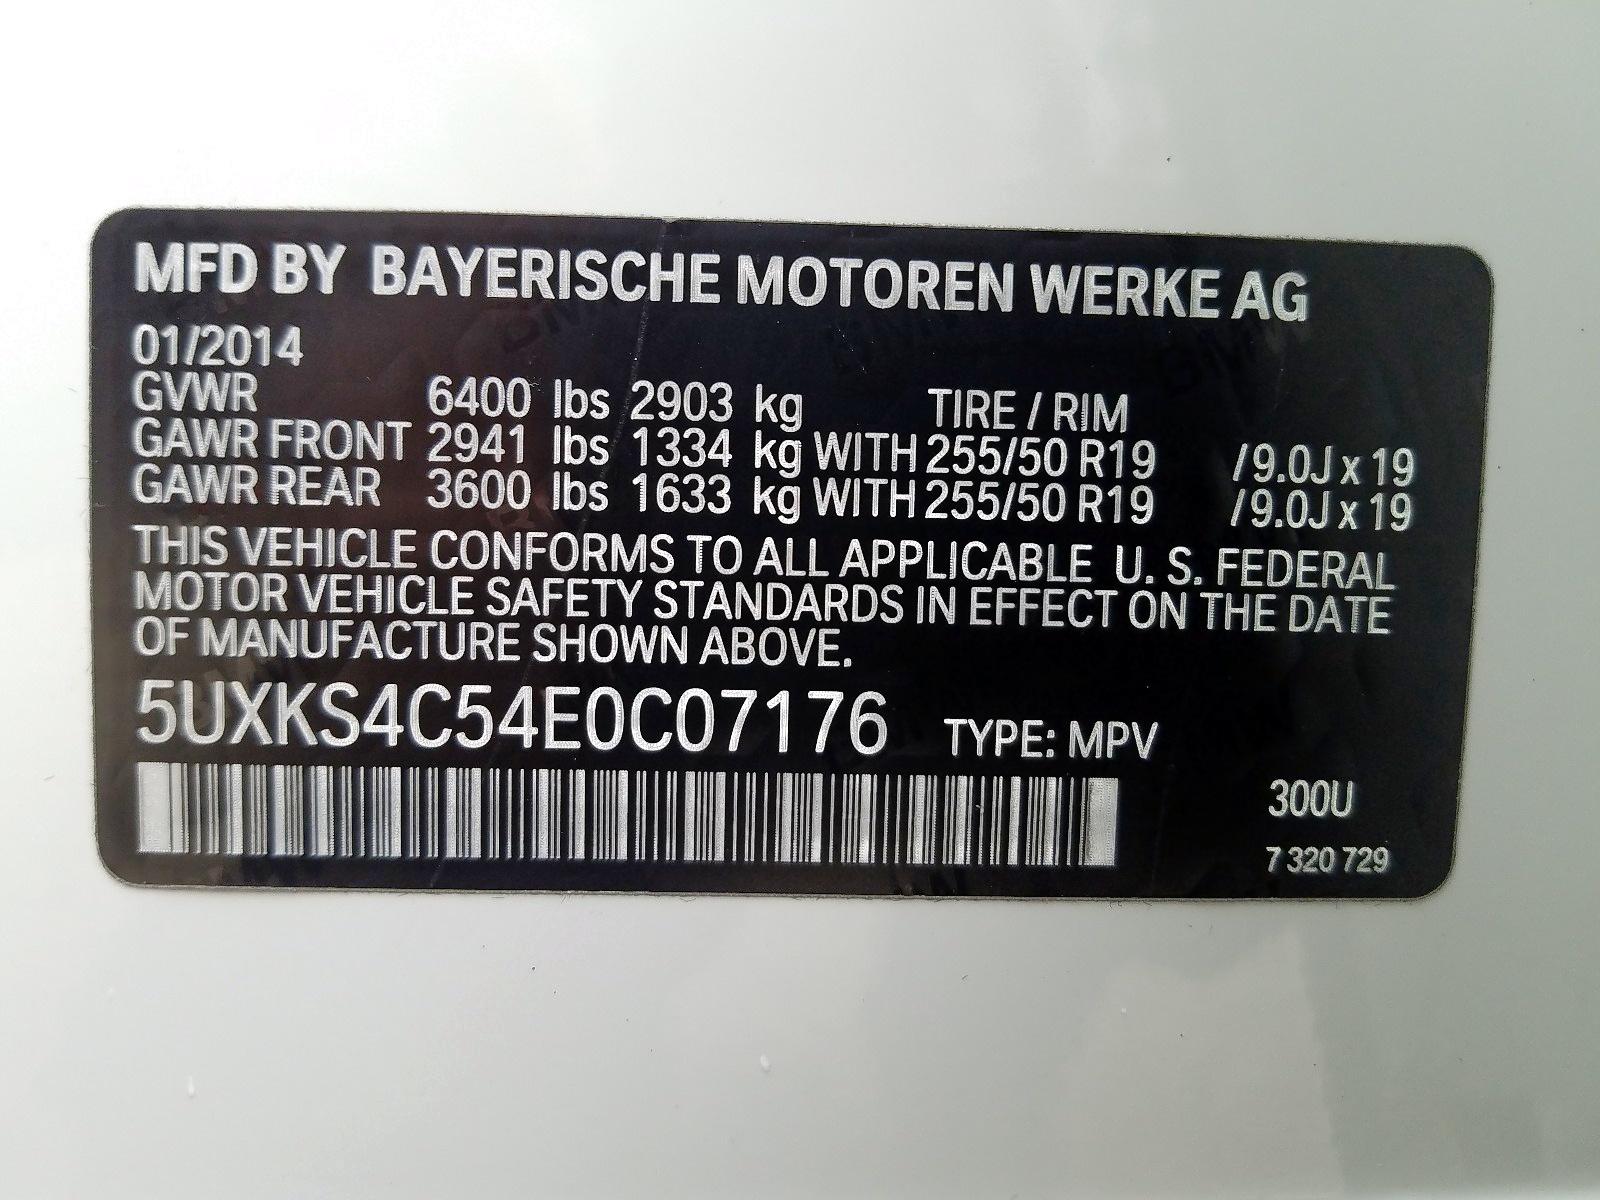 5UXKS4C54E0C07176 - 2014 Bmw X5 Xdrive3 3.0L